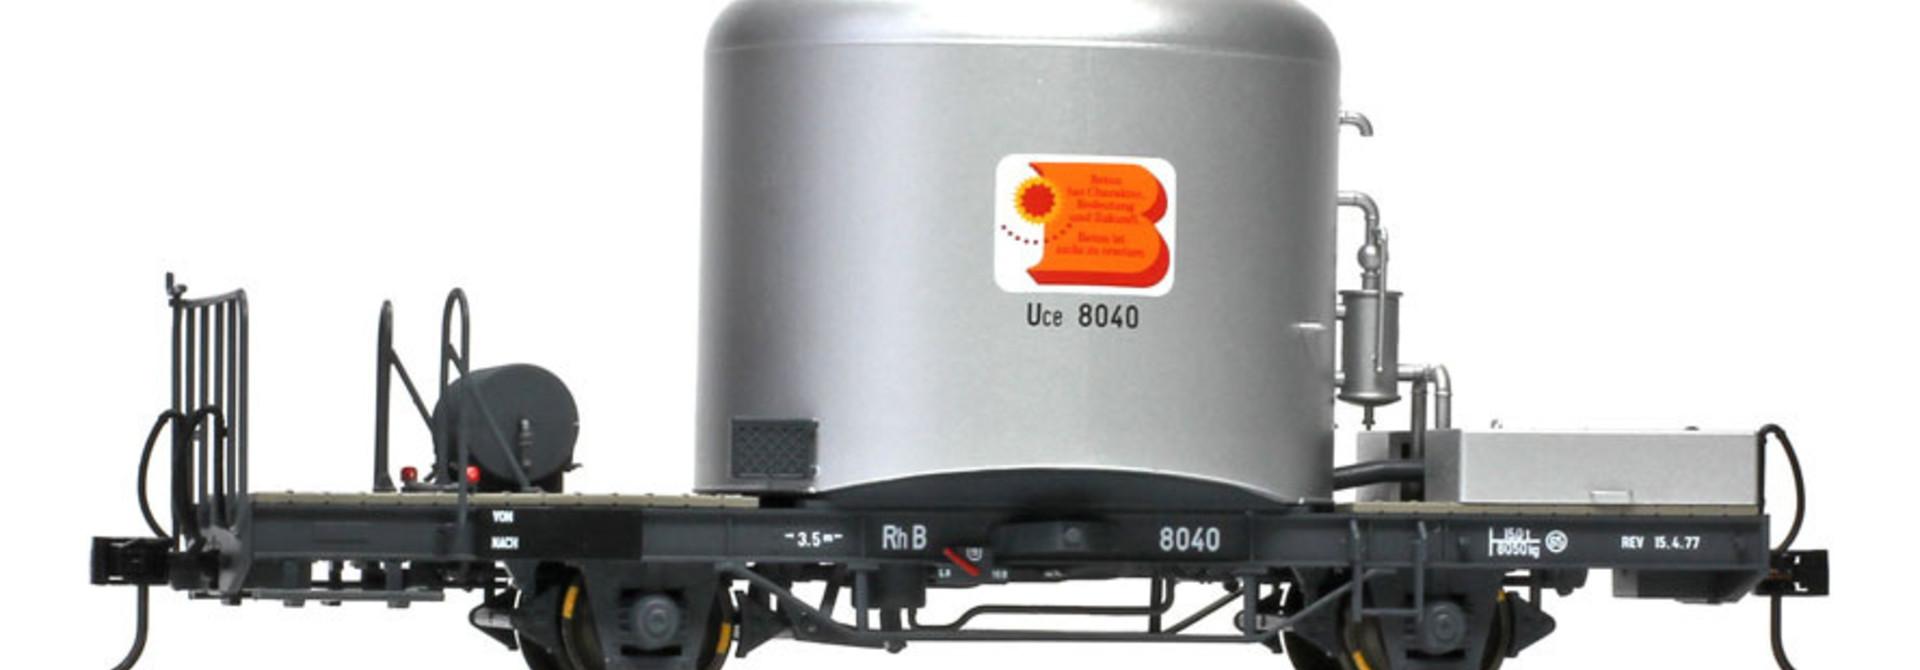 9452100 RhB Uce 8040 Zementsilowagen mit Kastenabdeckung